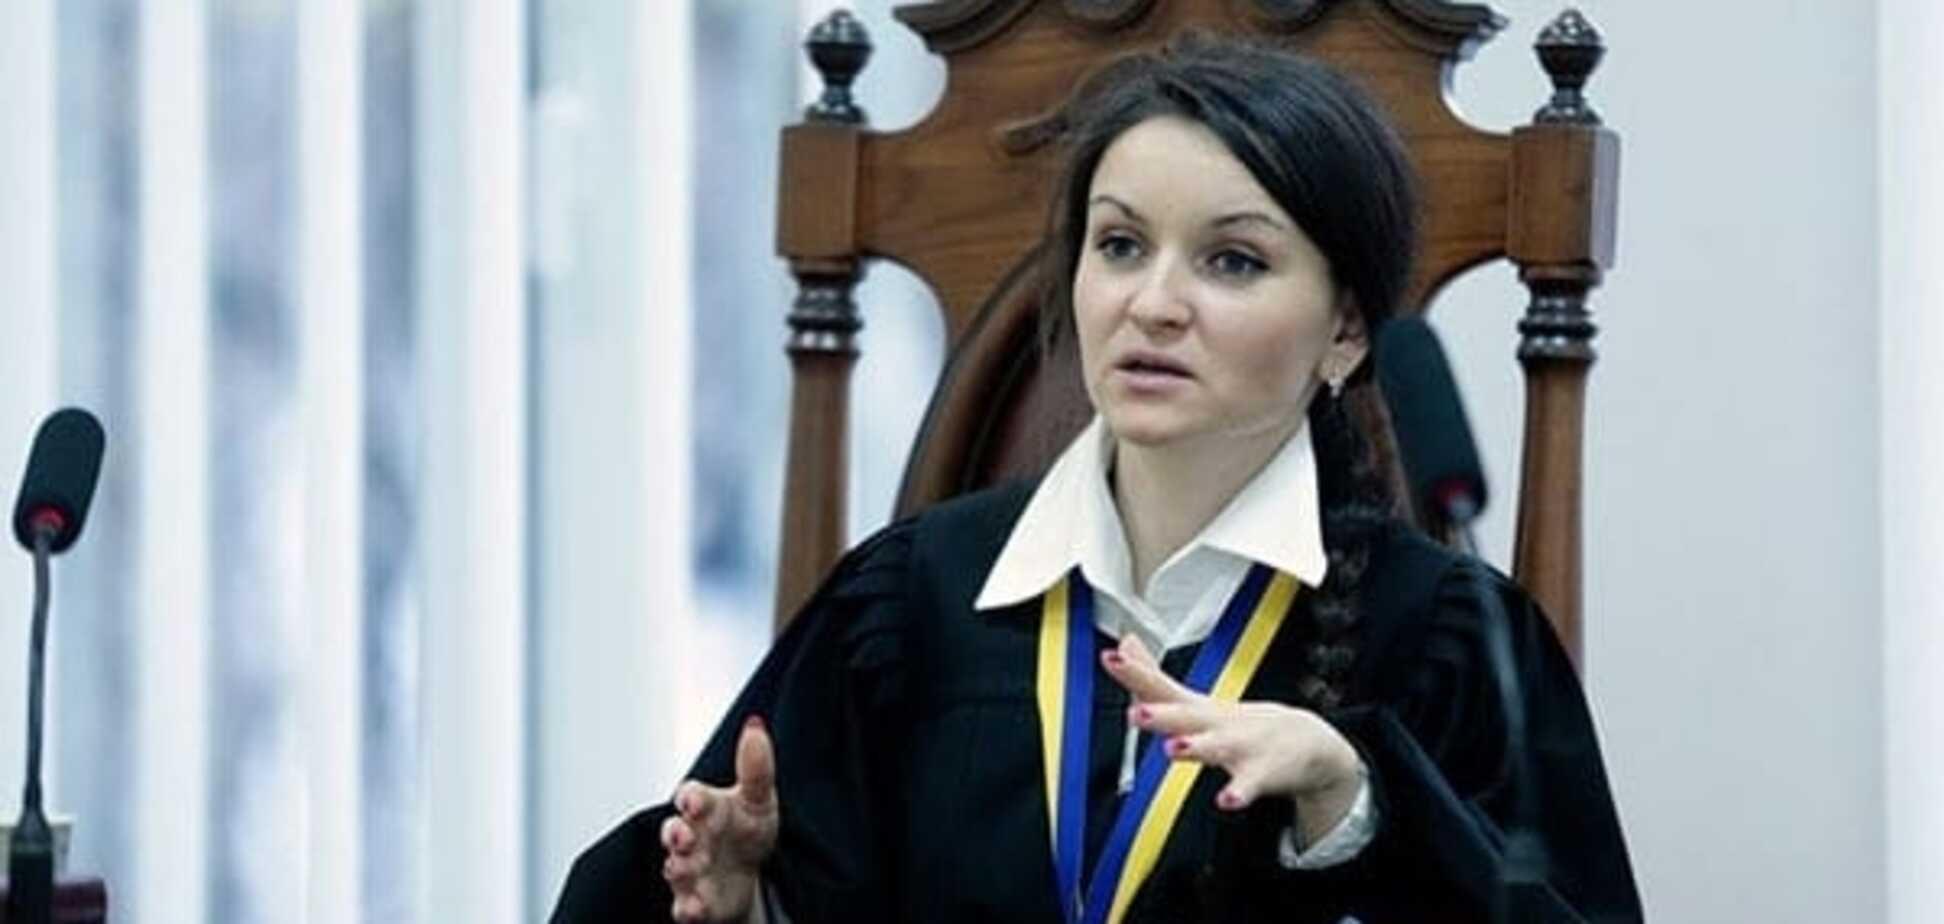 Справу розглядали 5 годин: Вища рада юстиції звільнила скандальну суддю Царевич